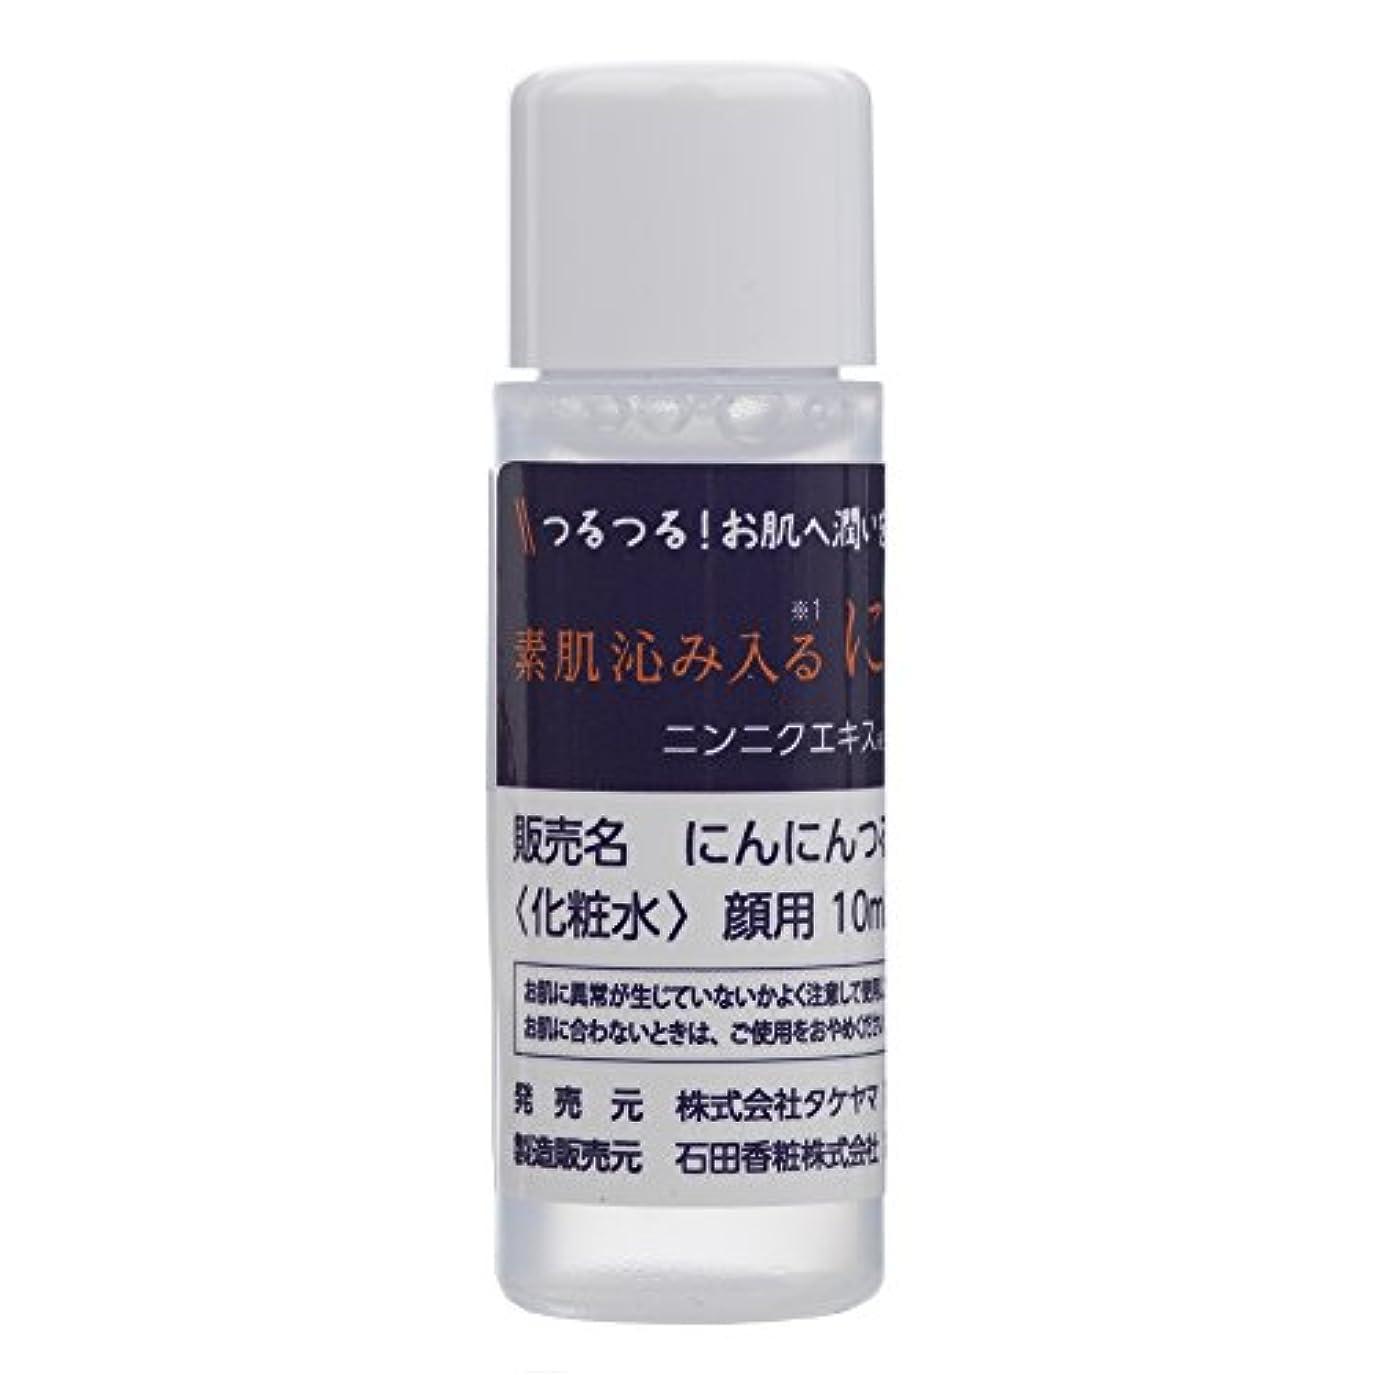 バナー嵐体細胞にんにんつるり お肌の健康と潤いを保つ化粧水です。 10ml